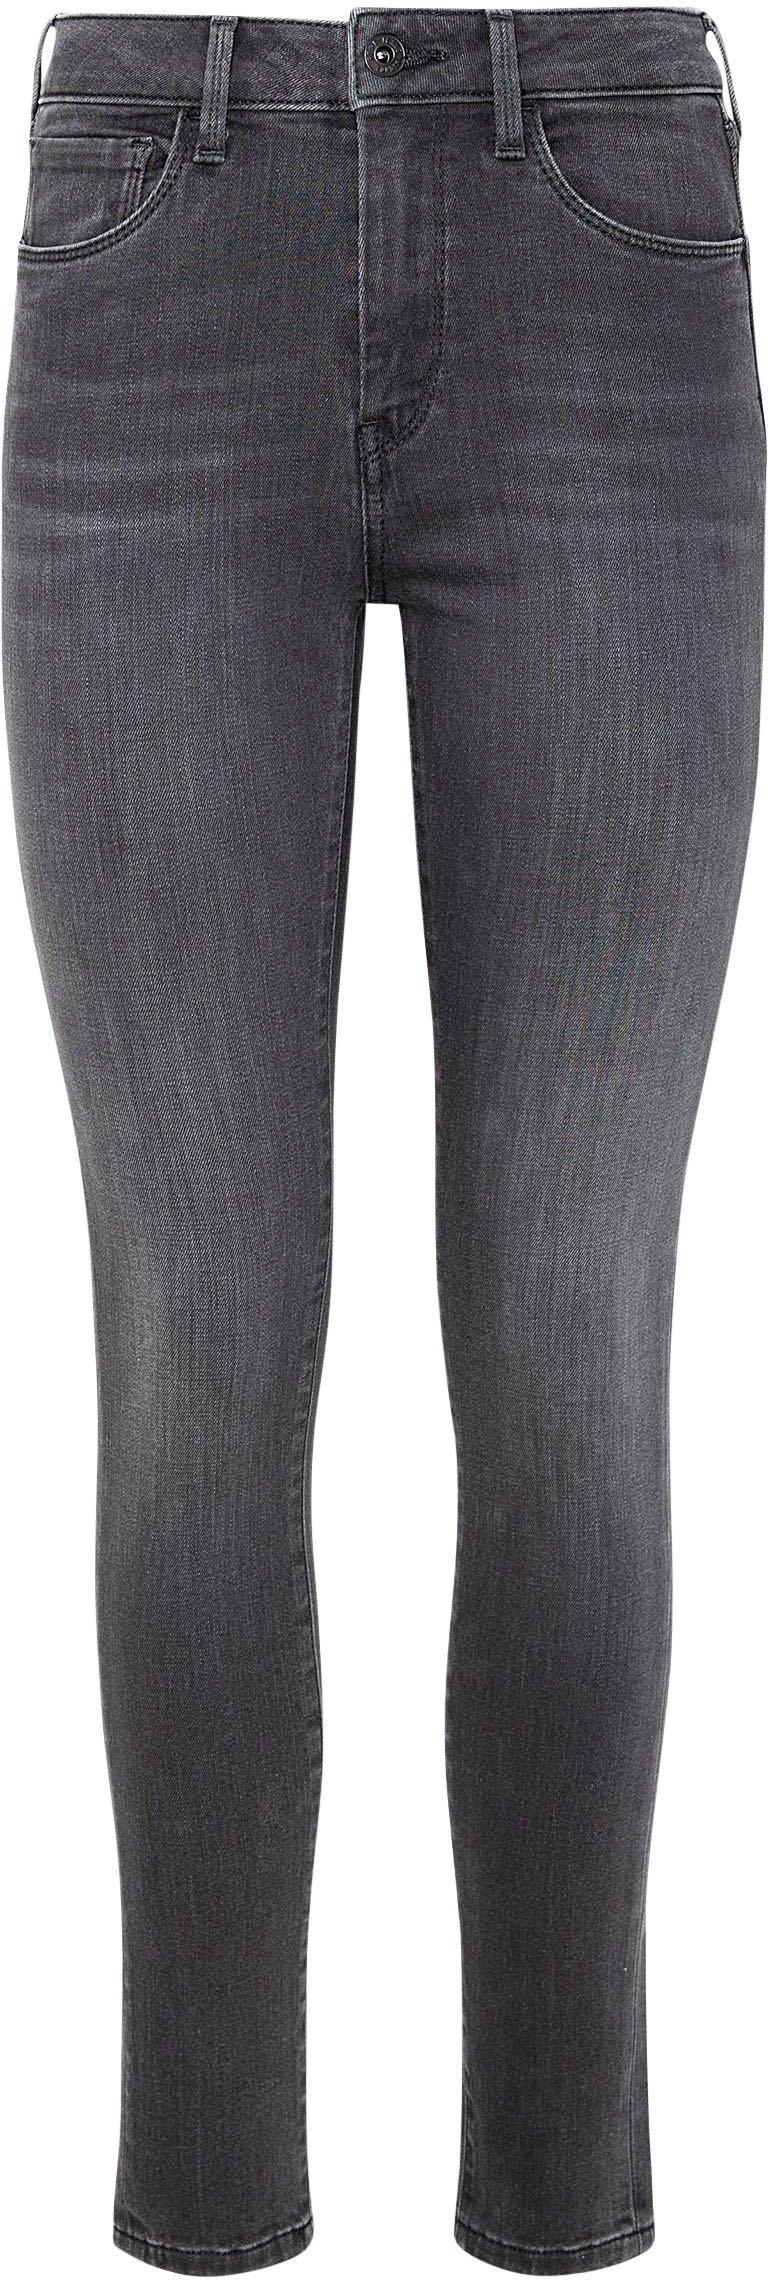 Op zoek naar een Pepe Jeans skinny jeans REGENT Skinny pasvorm met hoge band van als zijde comfortabele stretch-denim? Koop online bij OTTO